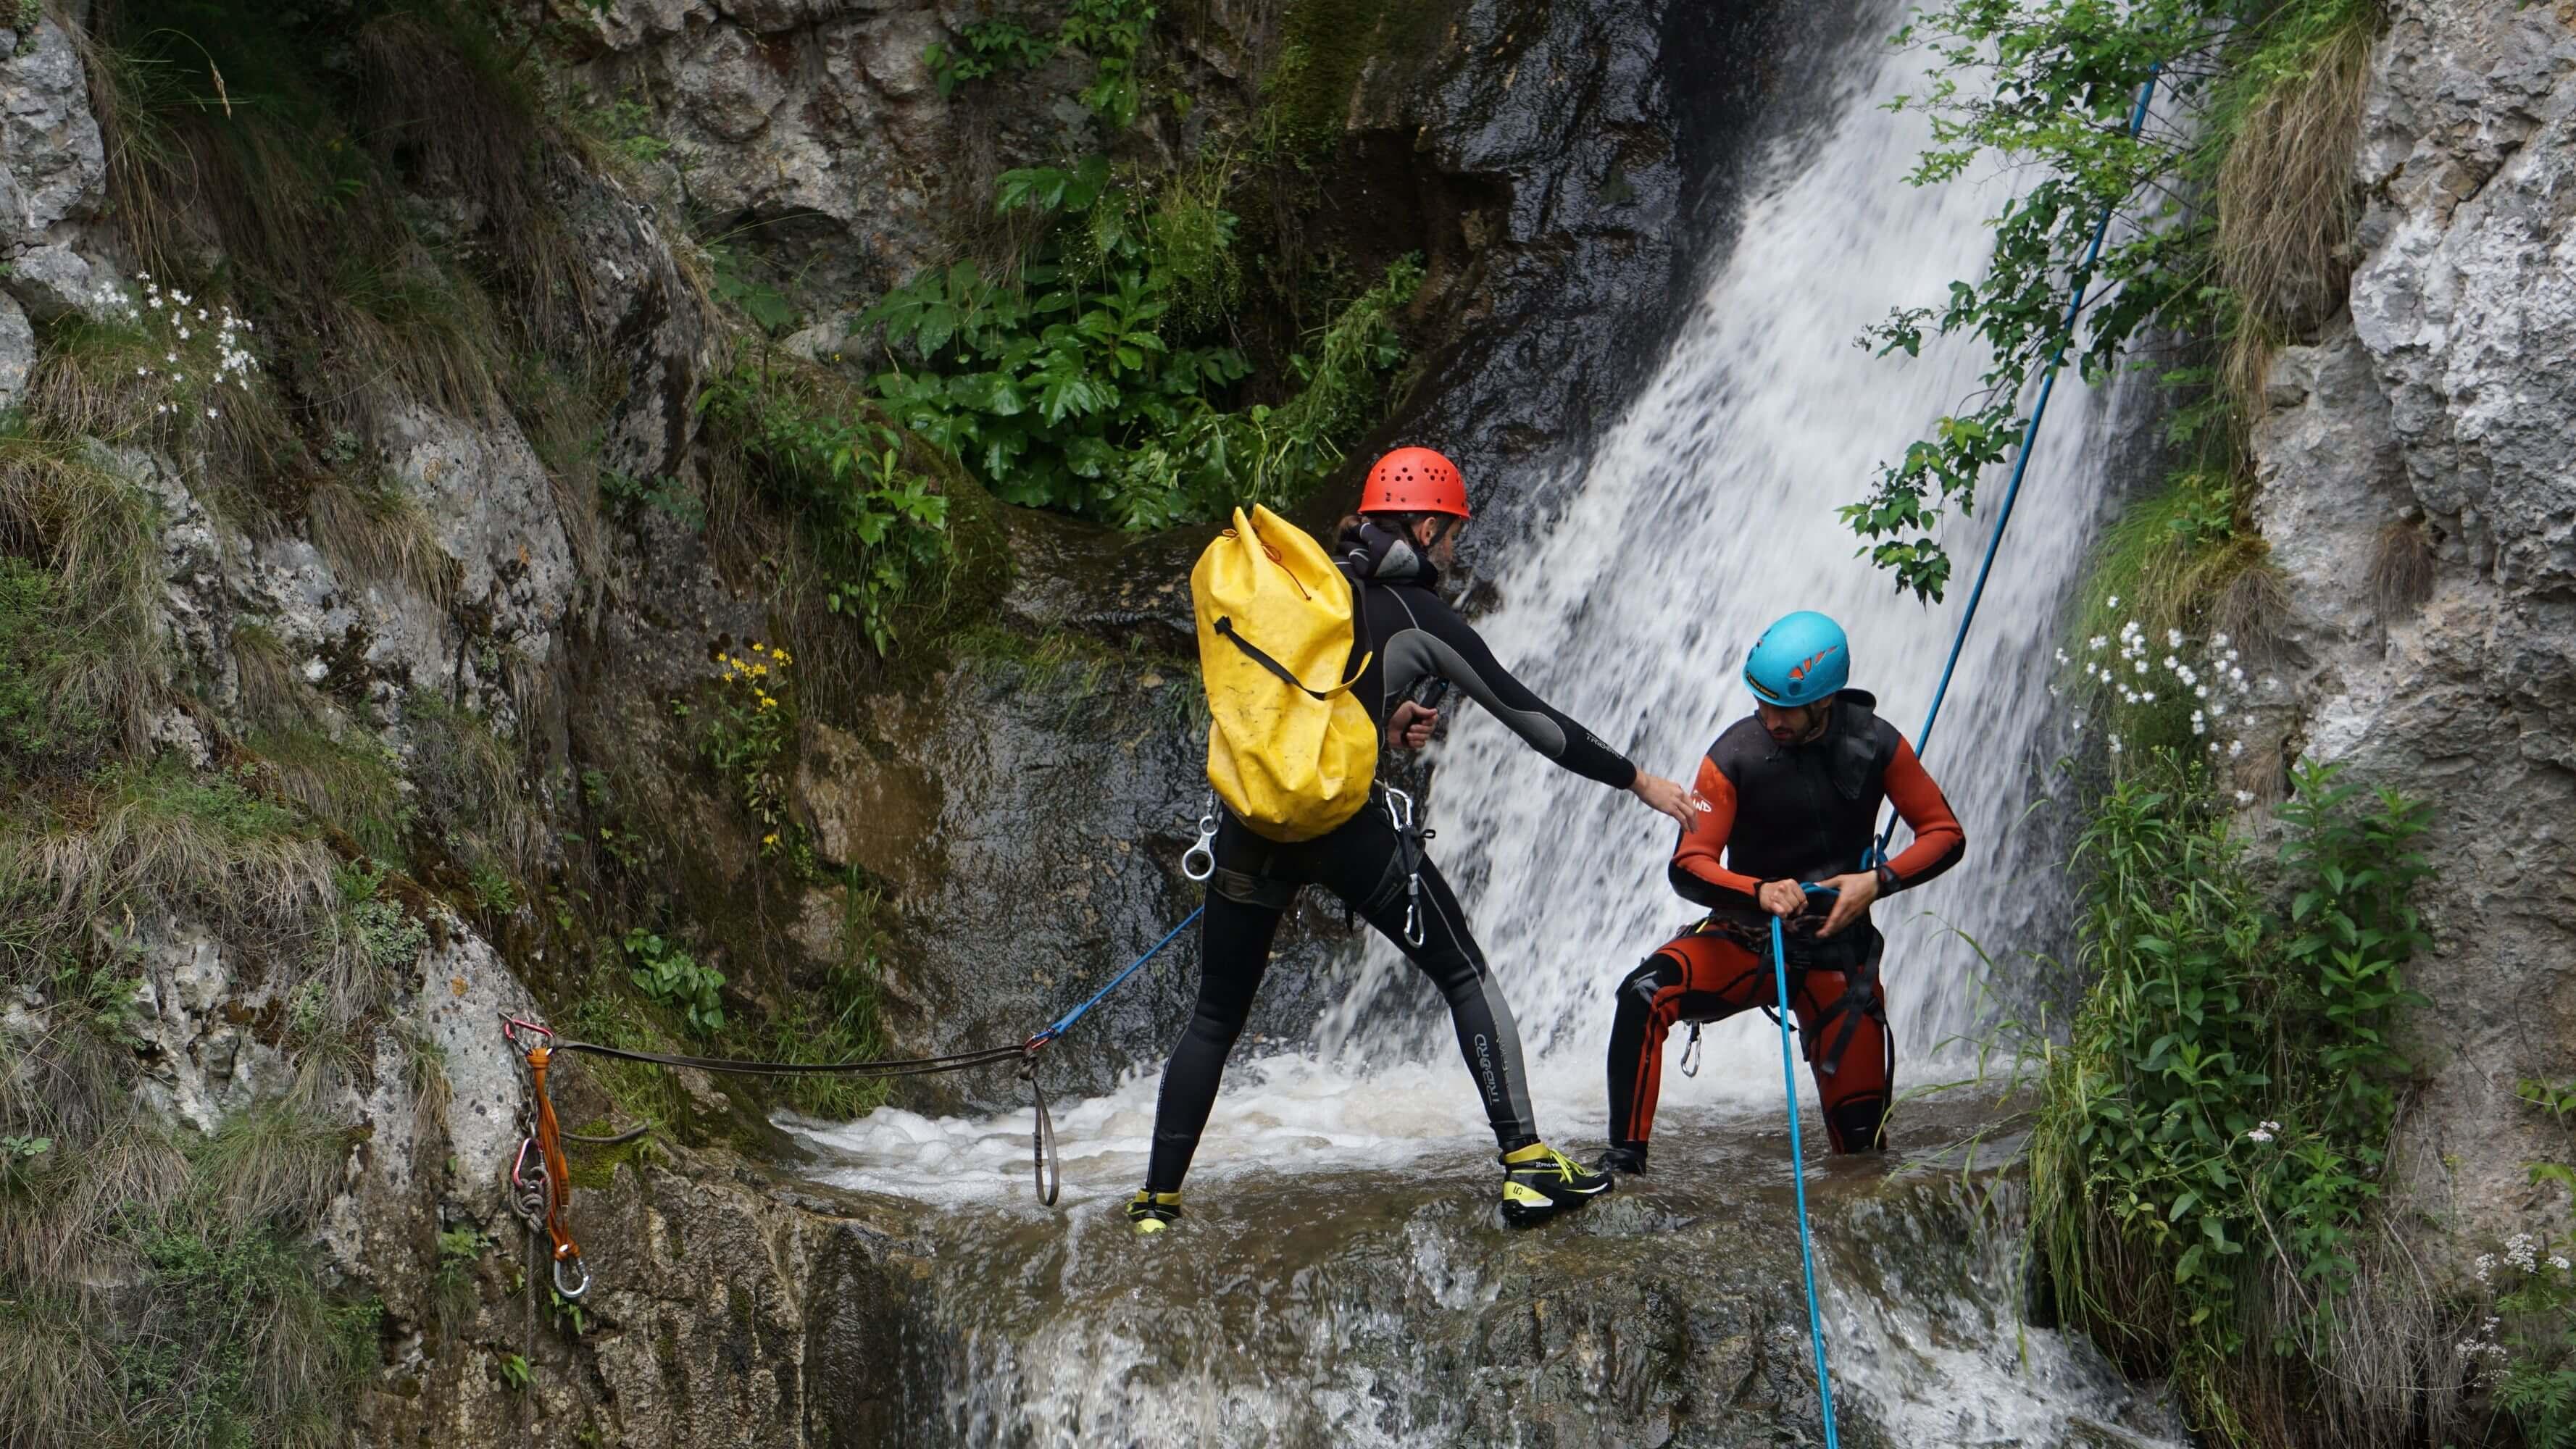 """<h3>Canyoning</h3>Cascadele nu sunt doar fotogenice, ele pot fi și o experiență distractivă în mijlocul naturii.  Dacă îți place apa, ești în căutarea unei aventuri și vrei să vezi un peisaj absolut spectaculos, aceasta este activitatea perfectă pentru o ieșire outdoor inedită.  <br><br> <a href=""""https://www.verticaladventure.ro/canyoning"""" class=""""btn btn-cmd"""">Vezi detalii</a>"""